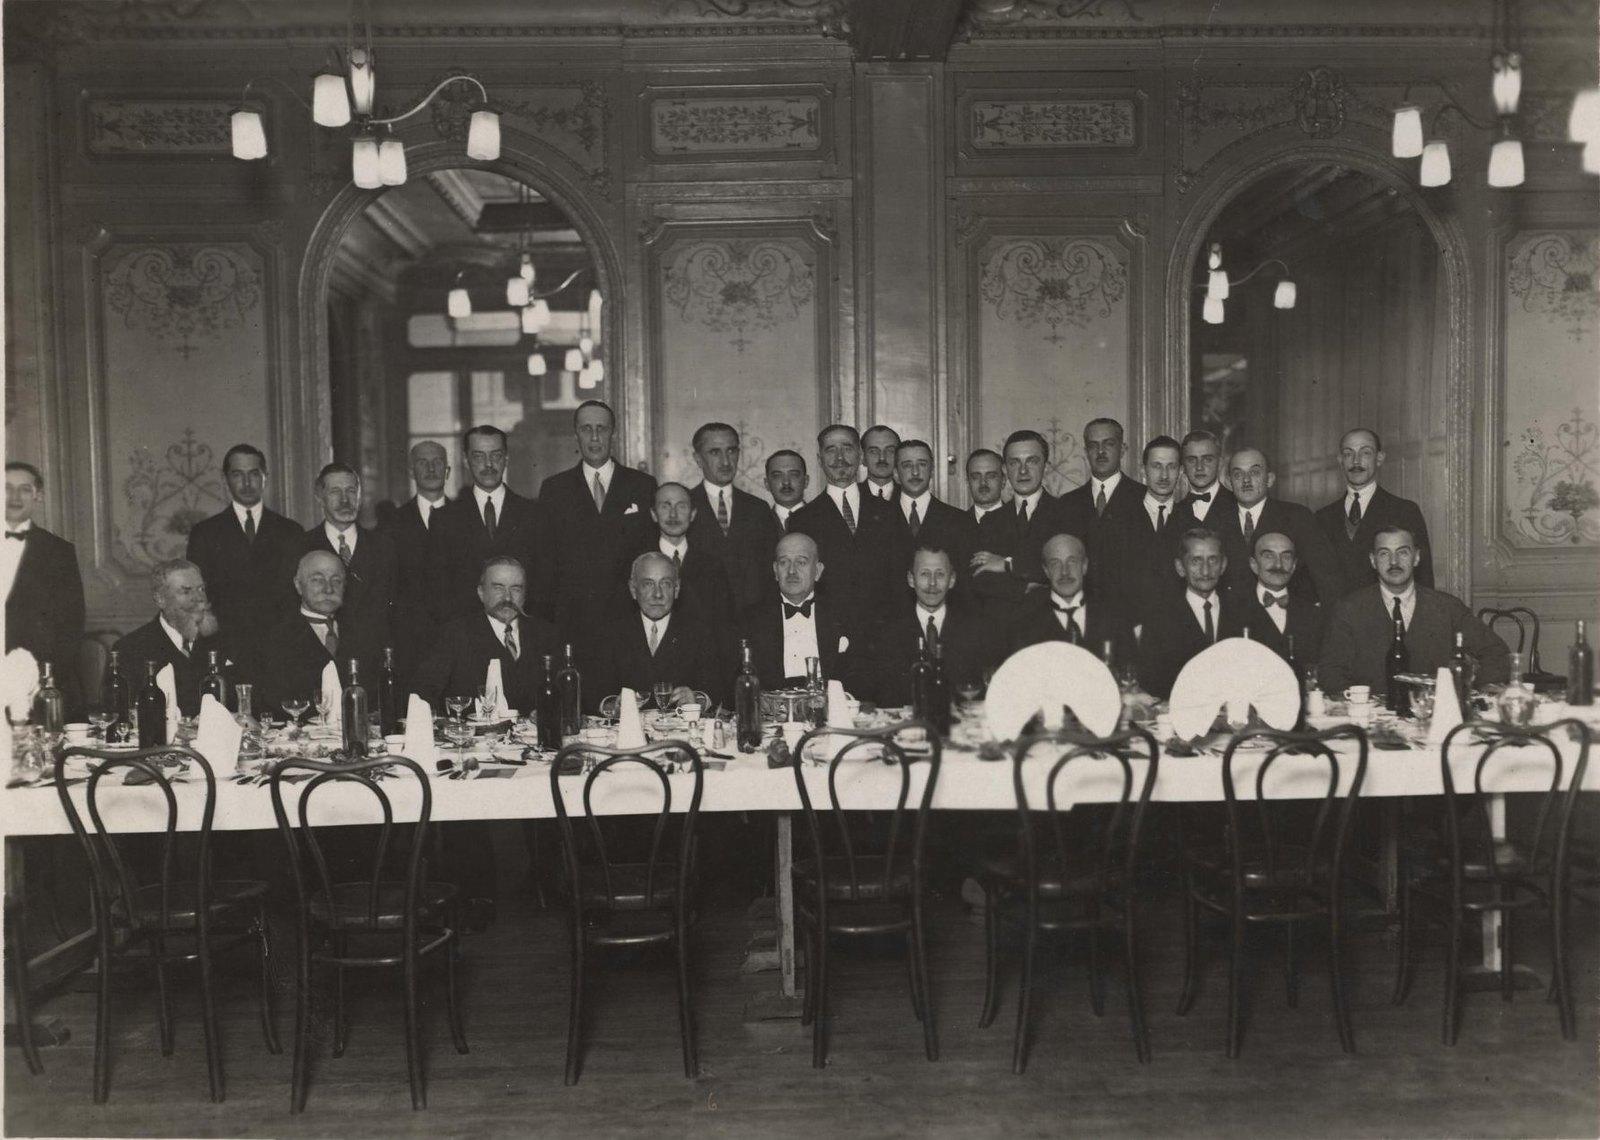 1925. Гусары Лейб-гвардии Гусарского полка в зале во время торжественного мероприятия